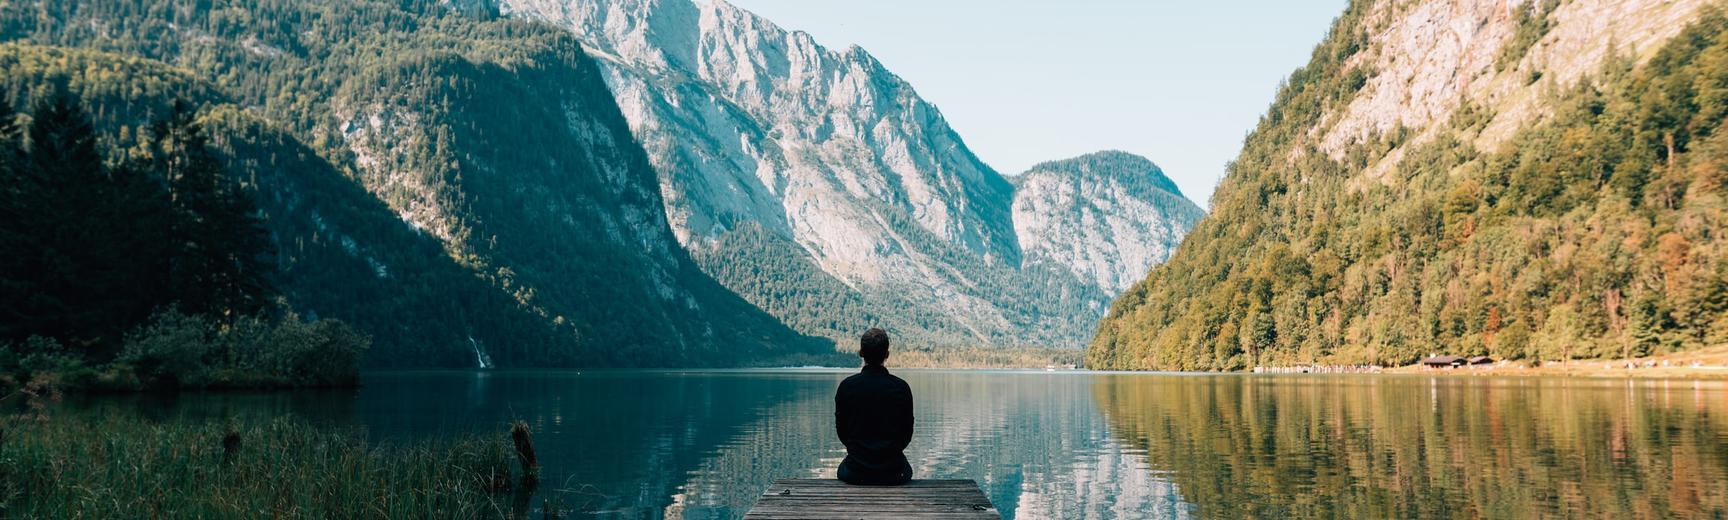 Mindfulness of man sitting by a lake